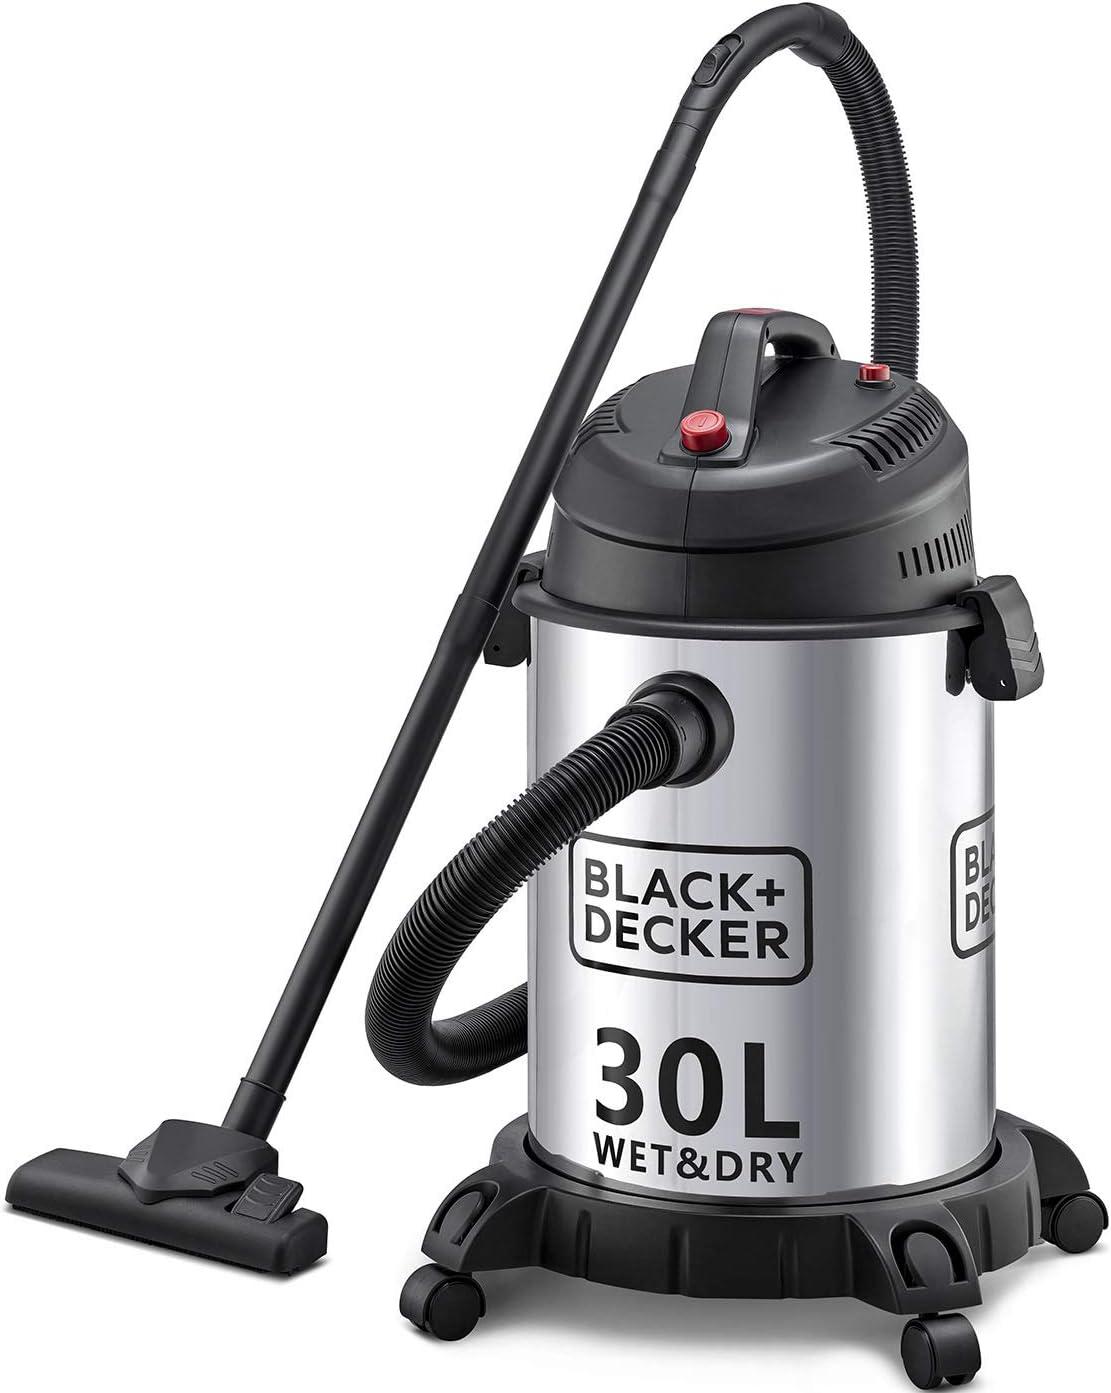 Black & Decker WV1450-B5 Wet and Dry Tank Drum Vacuum Cleaner, 1610W